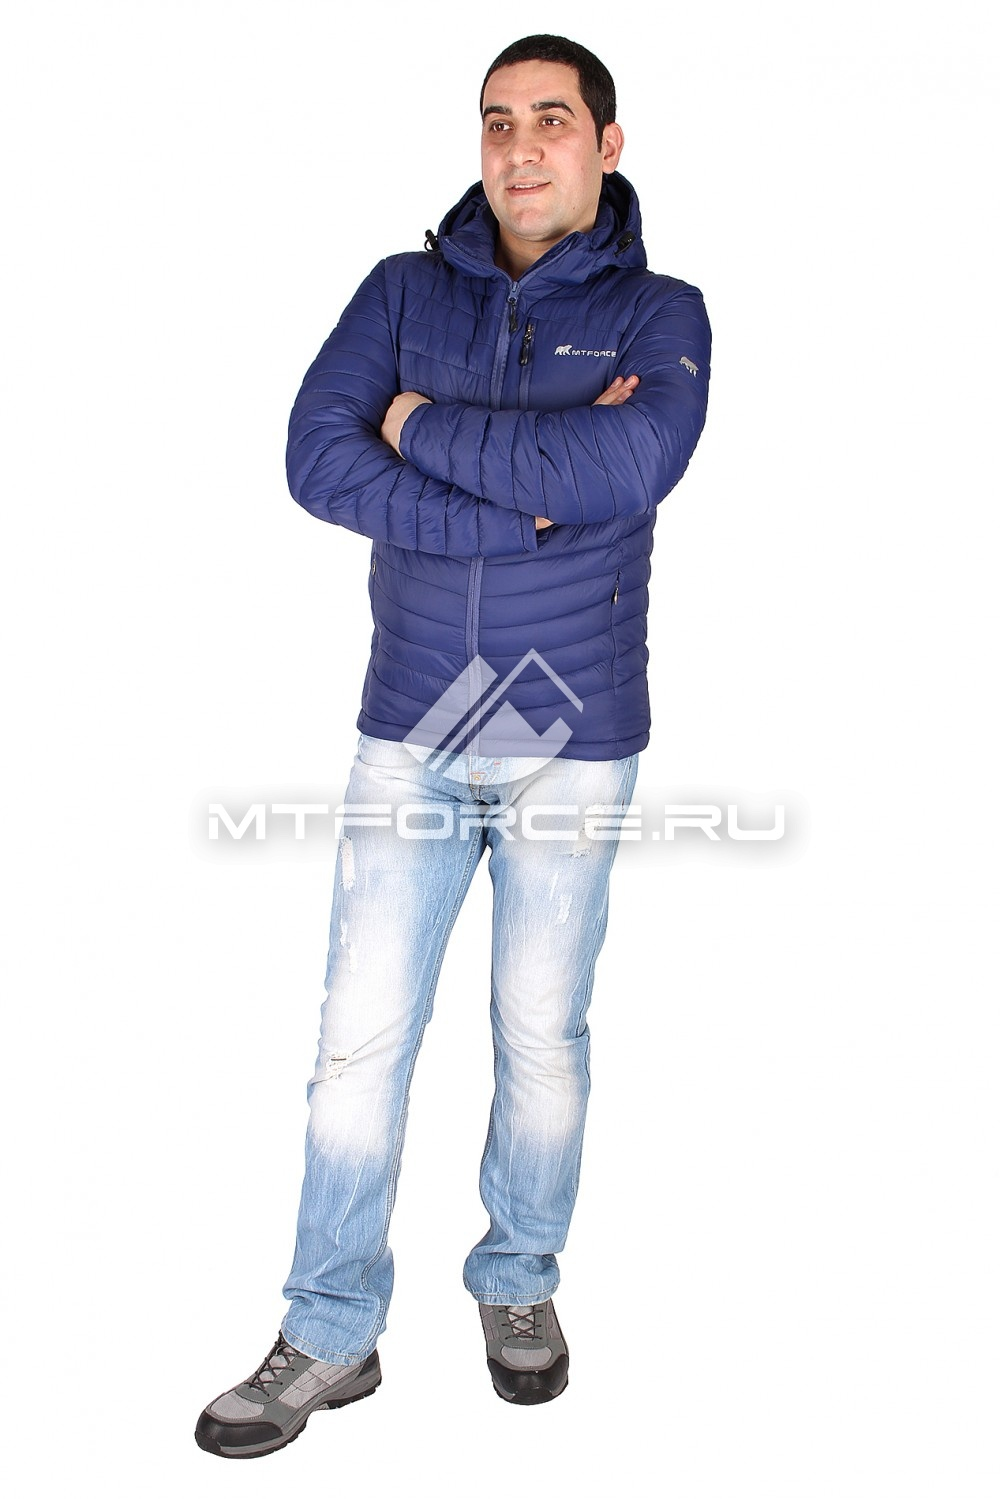 Купить                                  оптом Куртка мужская стеганная темно-синего цвета 1606ТS